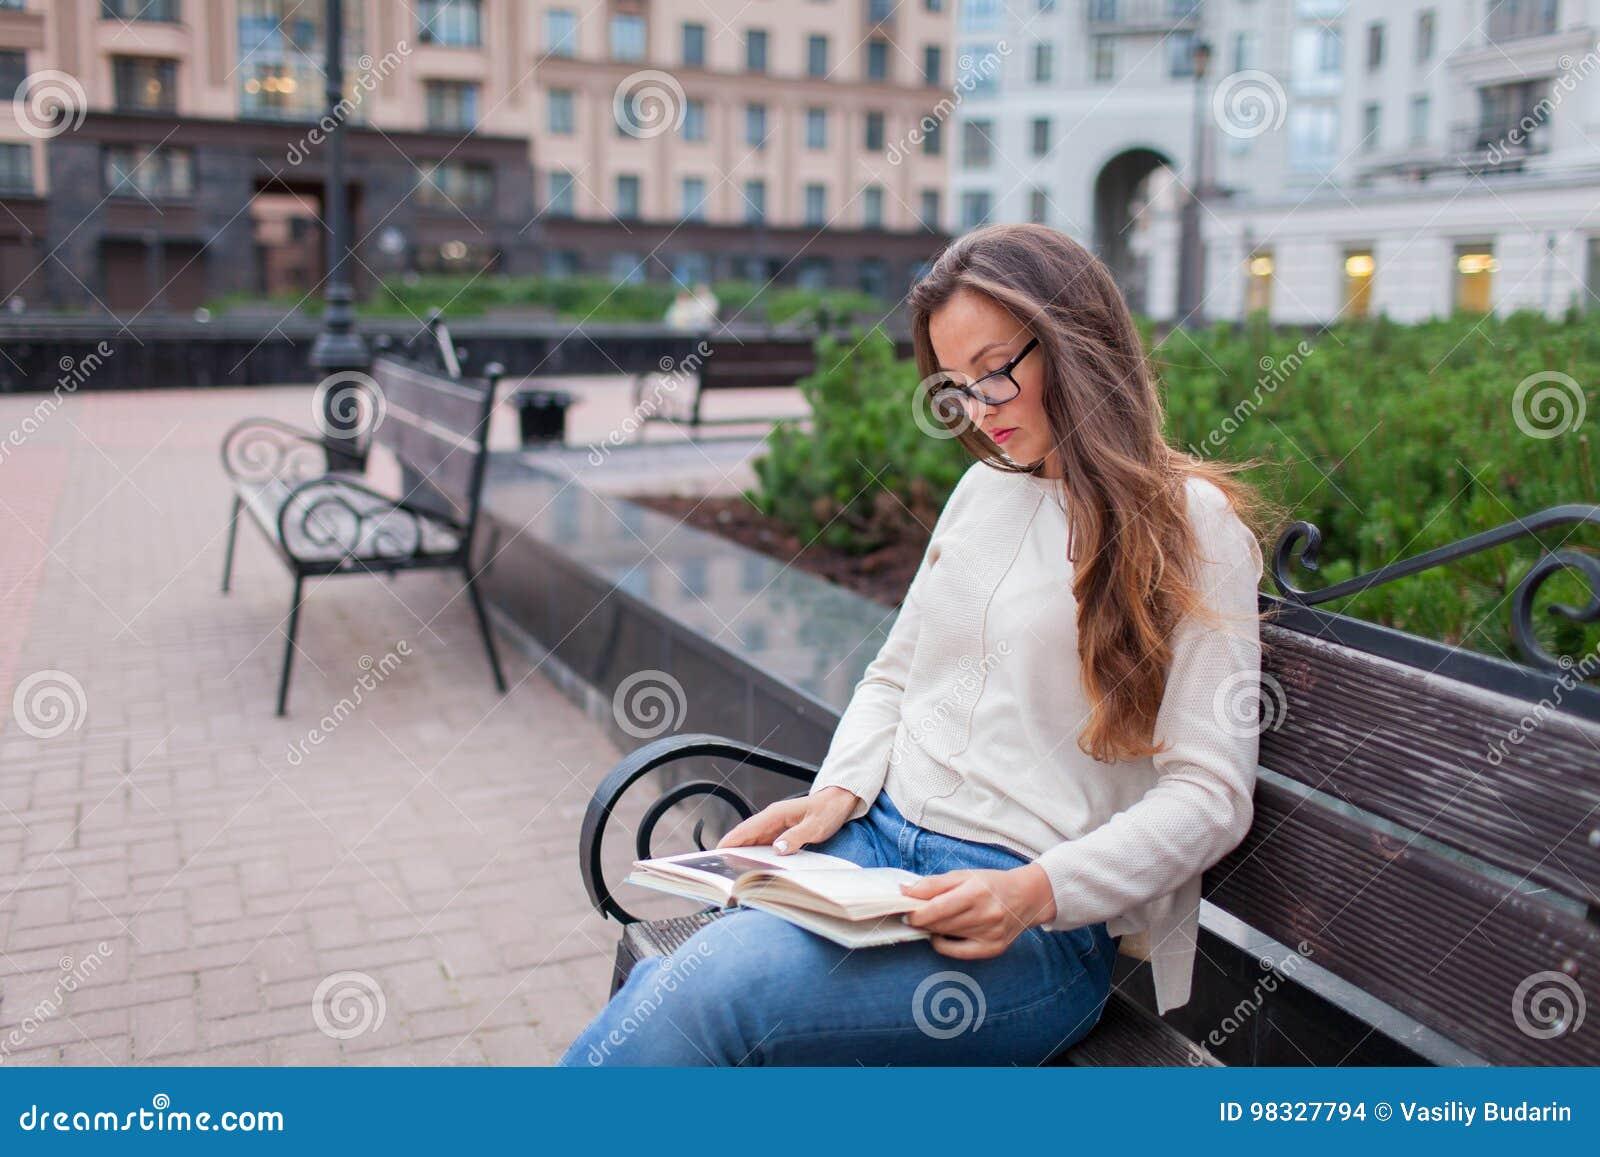 Het jonge mooie meisje met glazen snakt bruine haarzitting op een bank met een boek Zij verliet het huis op een warme avond aan b